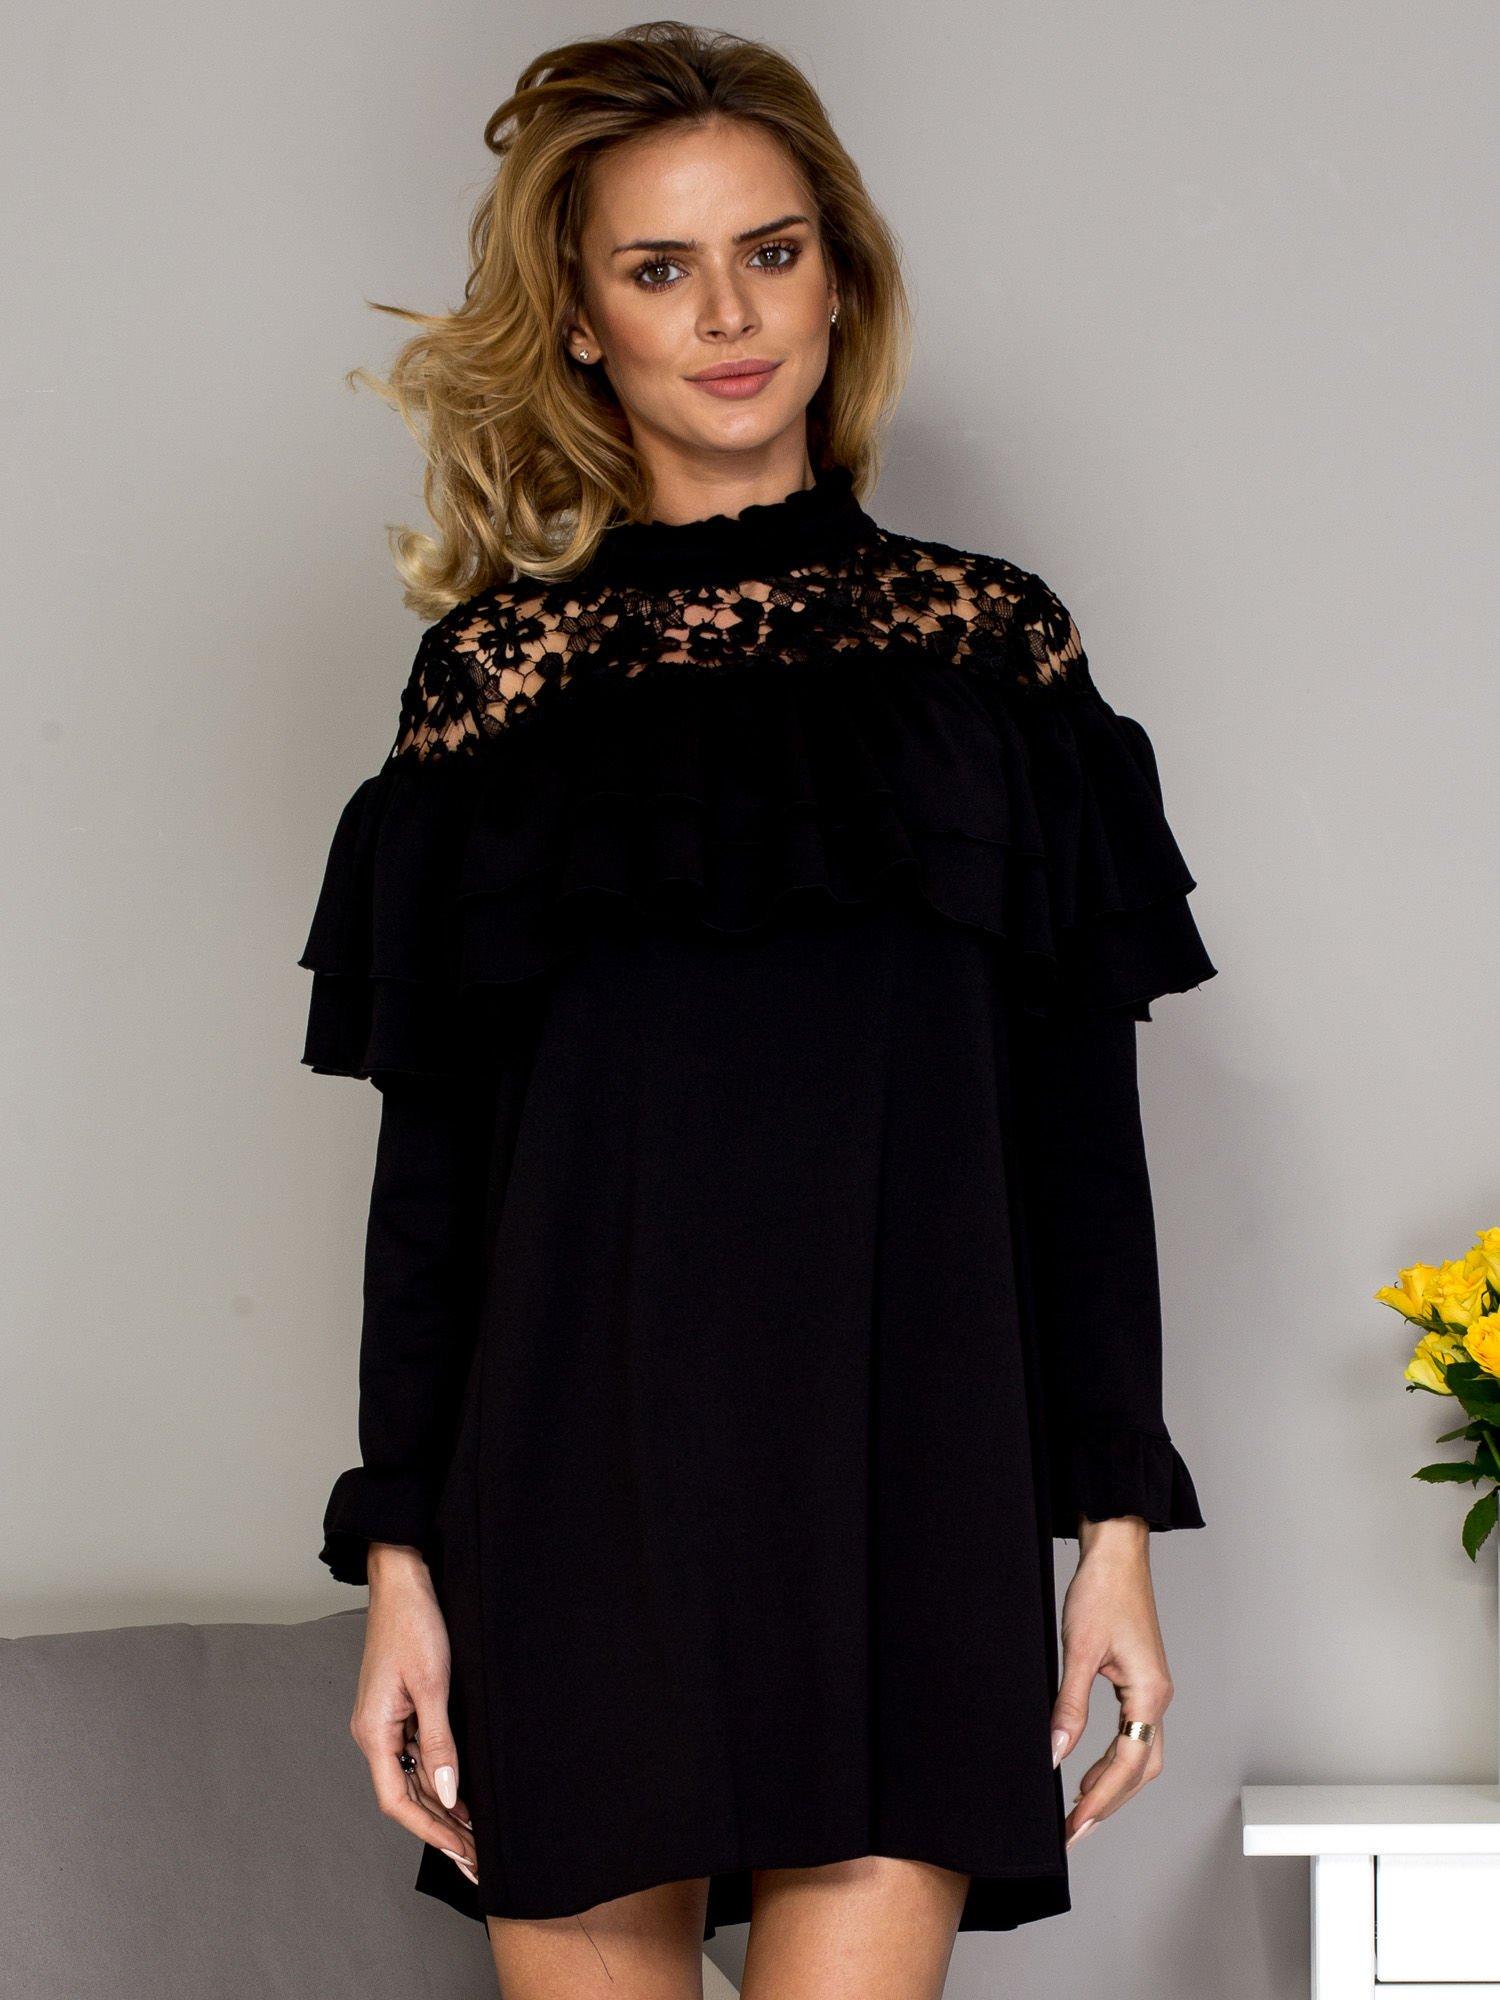 1b730c7e68 Czarna sukienka z koronkową wstawką - Sukienka koktajlowa - sklep ...